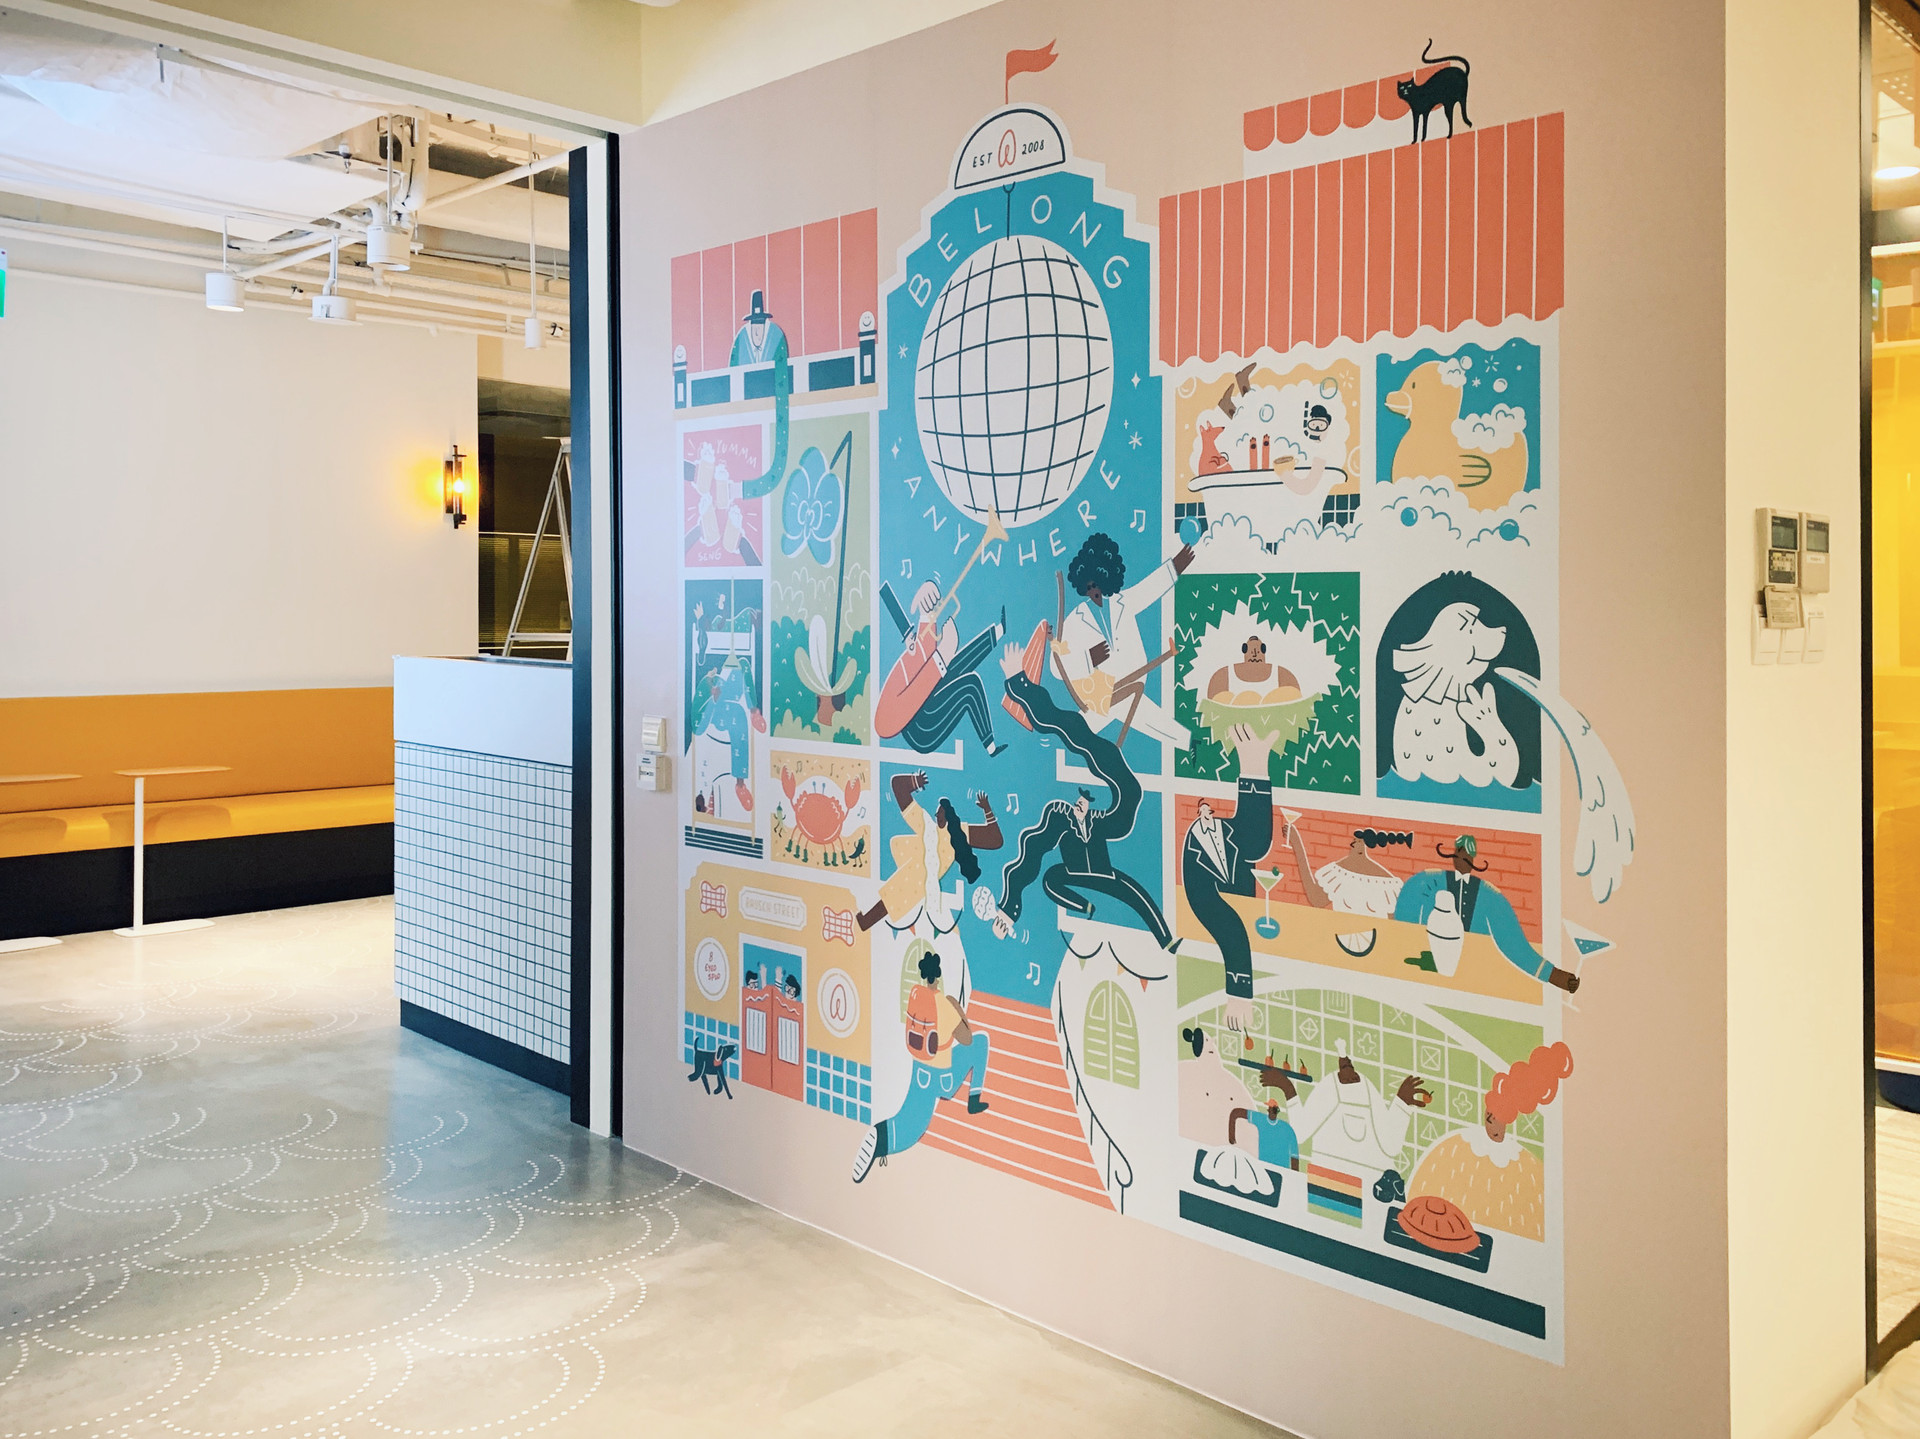 8ES_Airbnb-MuralPhoto.JPG